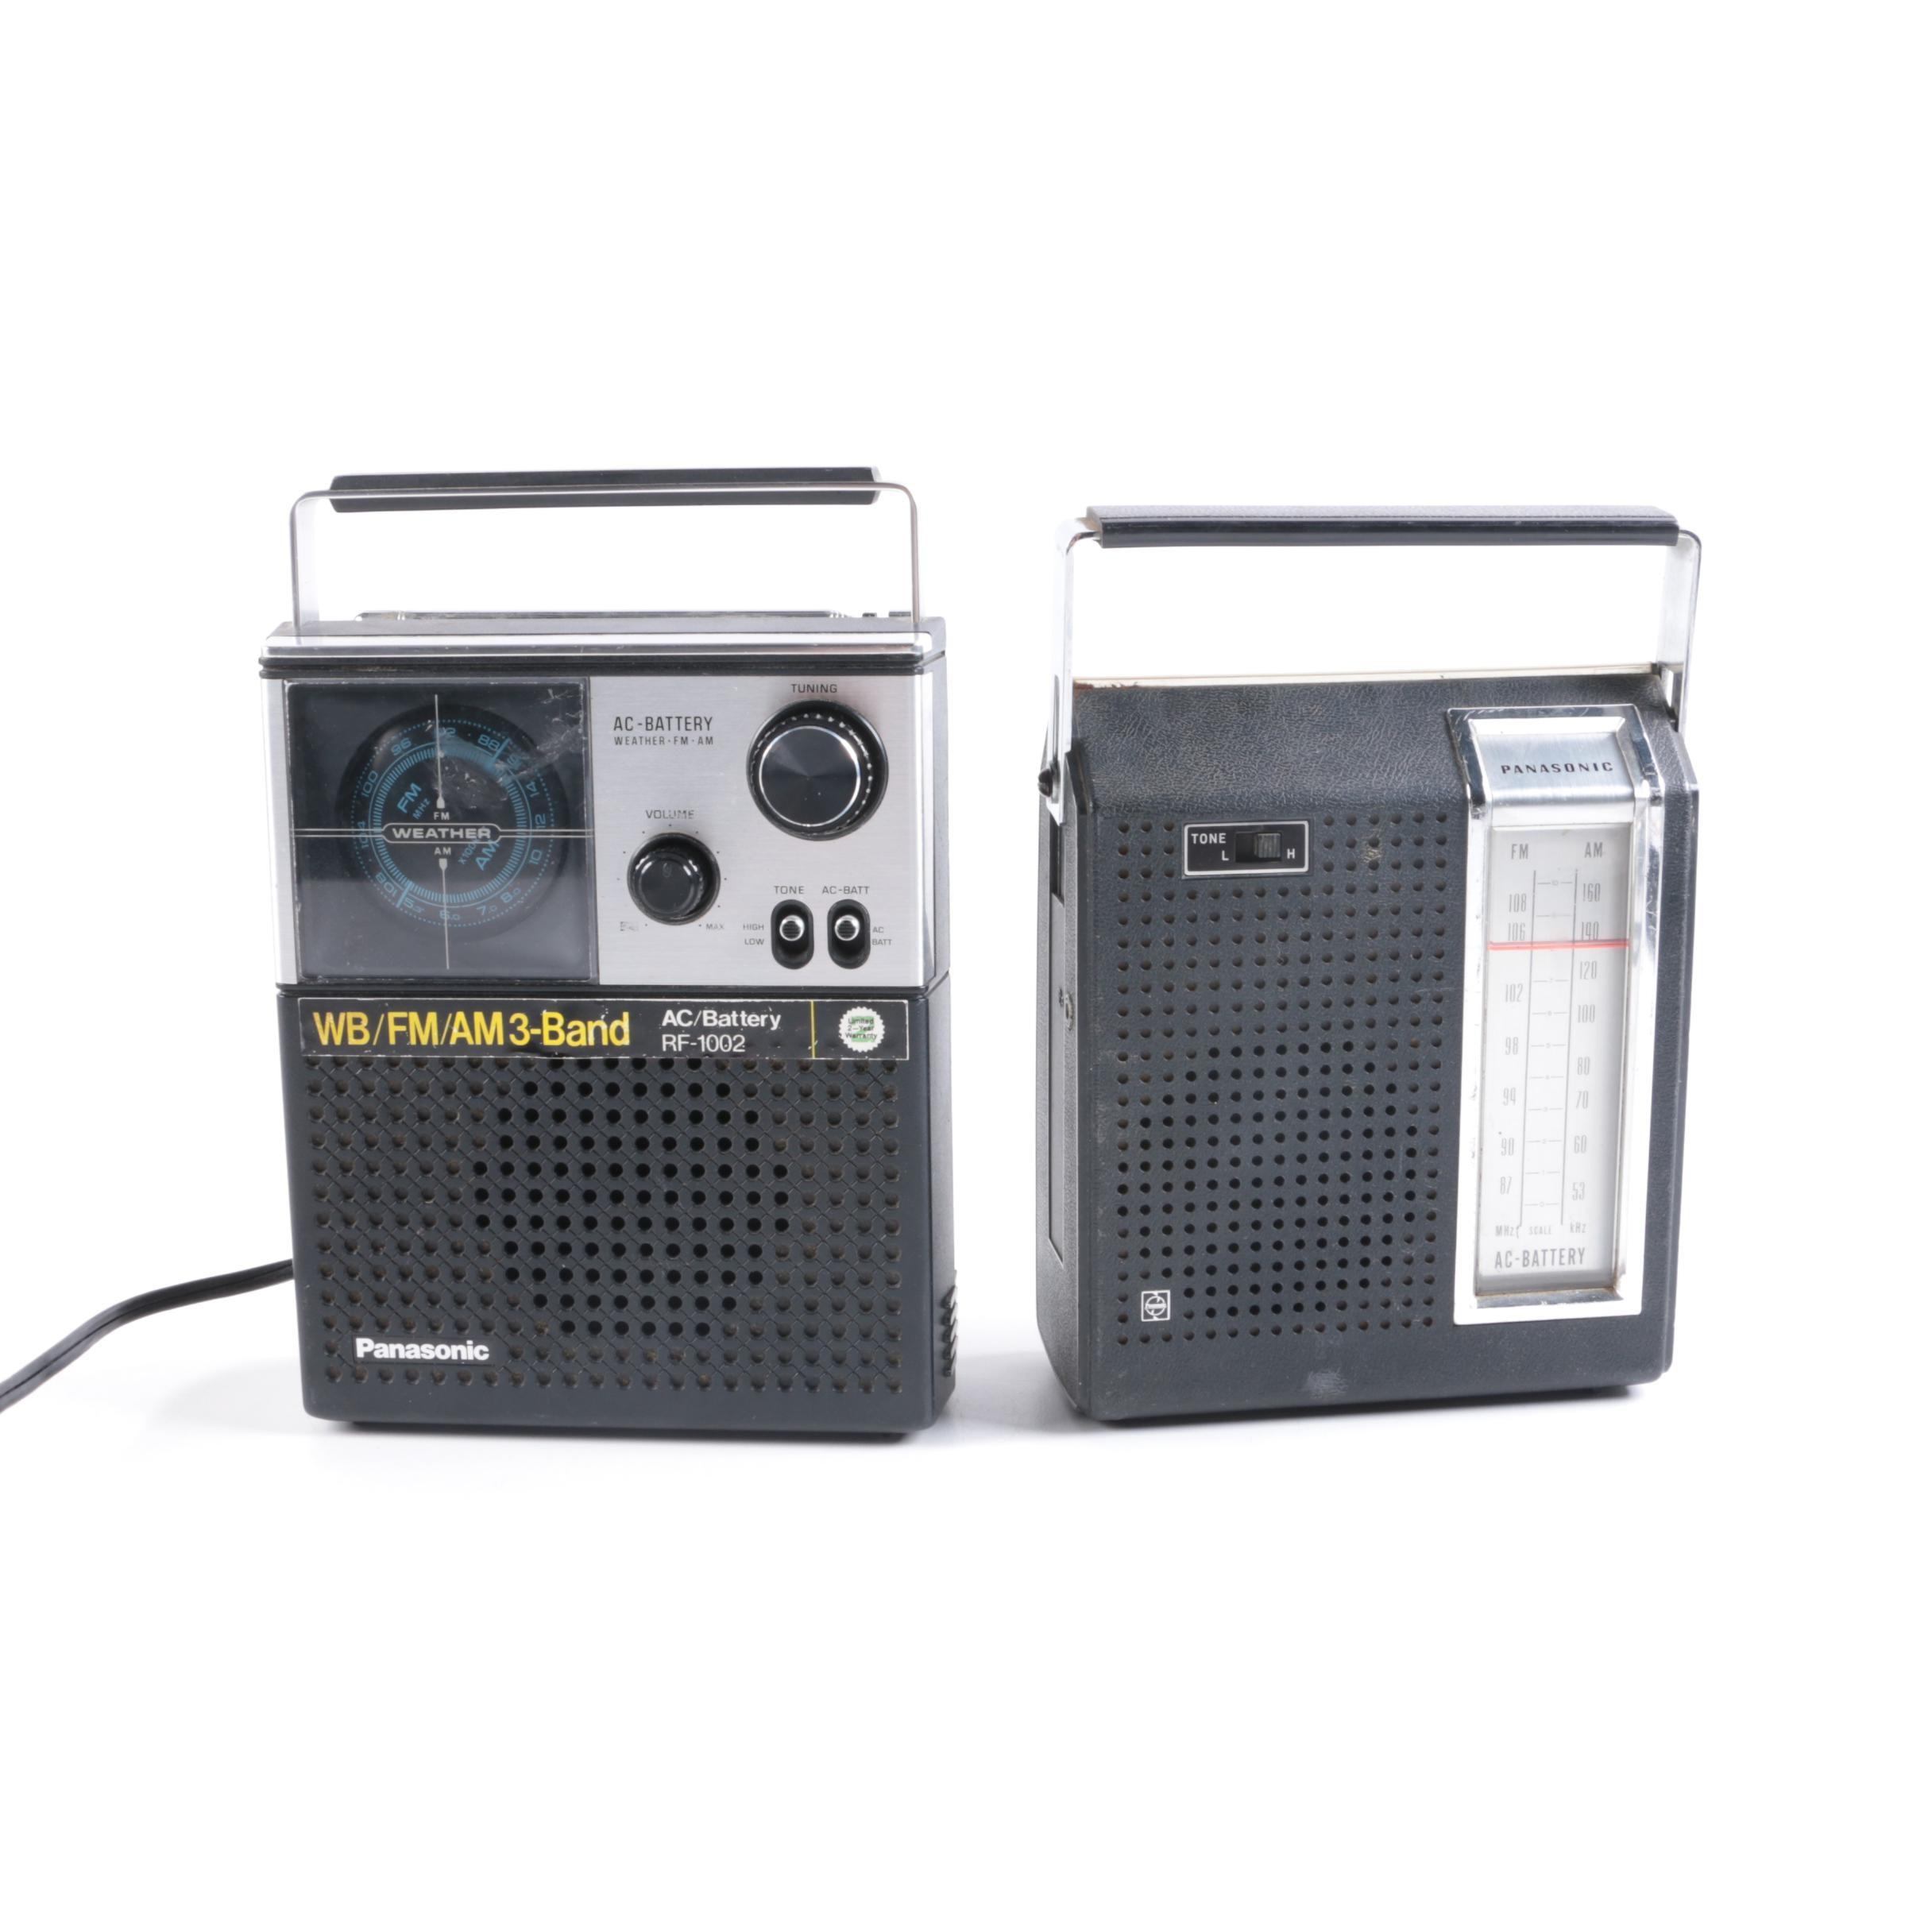 Vintage Handheld Radios